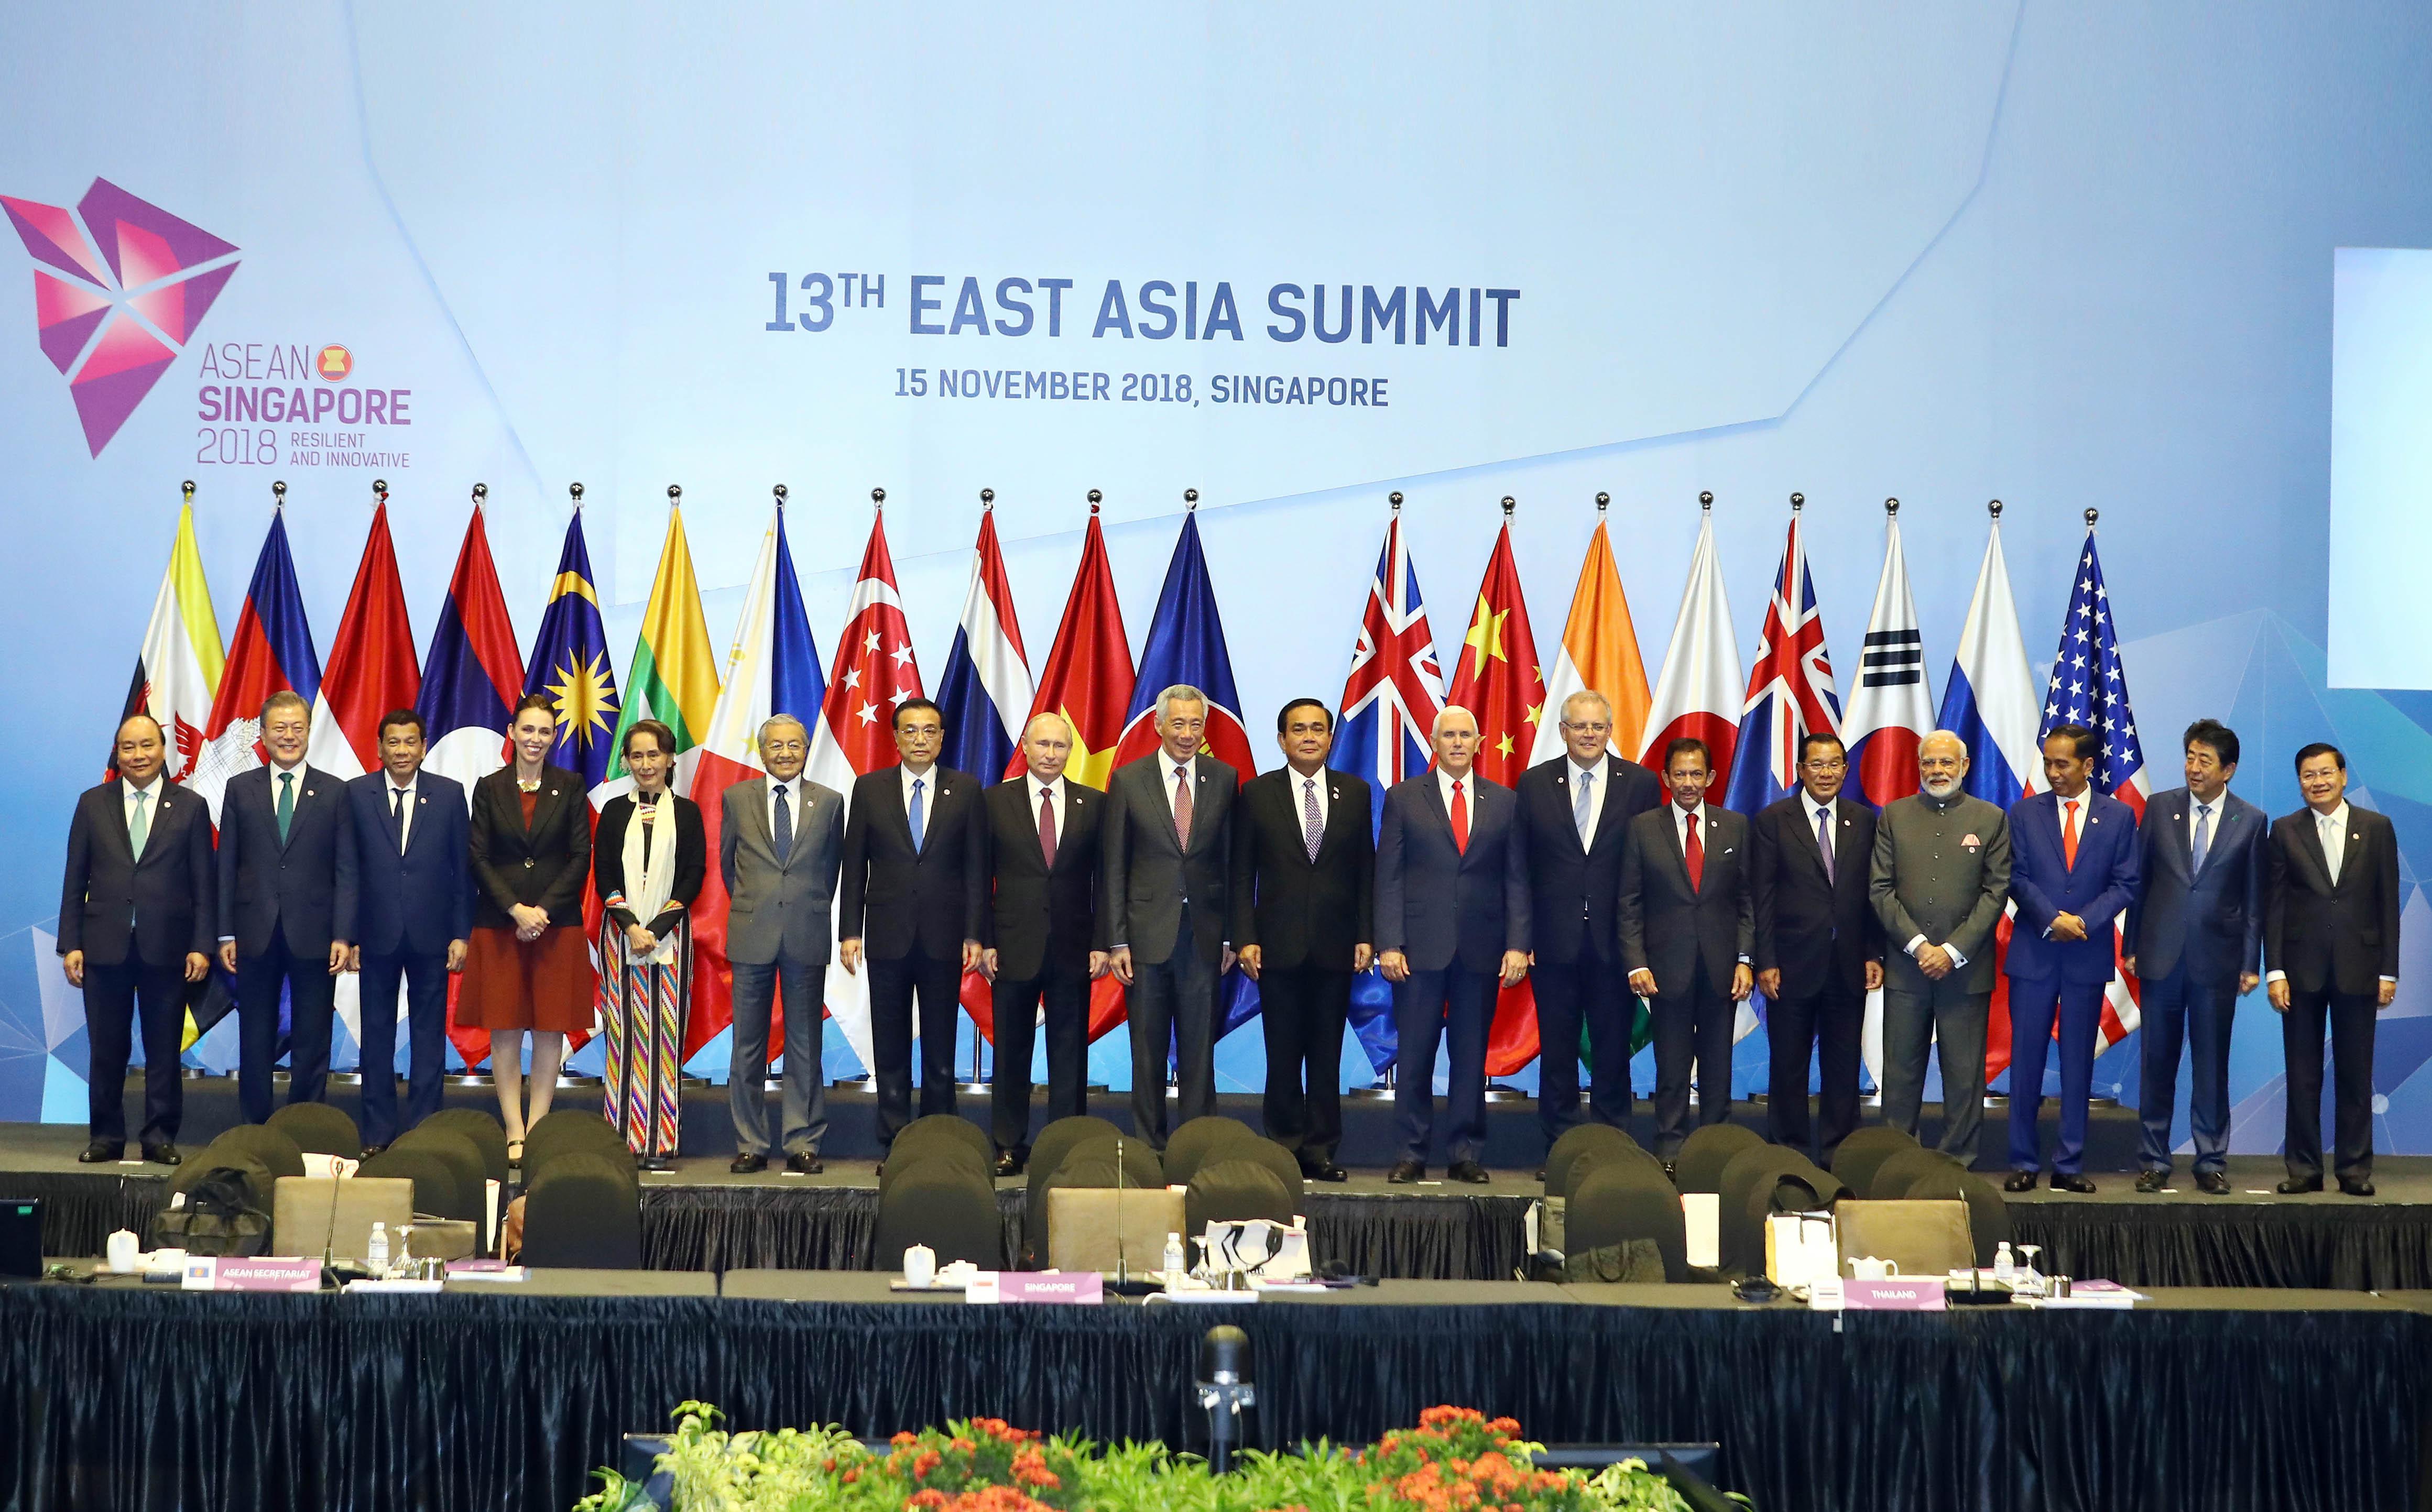 Tiếp tục củng cố EAS là cơ chế hàng đầu đối thoại về các vấn đề chiến lược ở khu vực